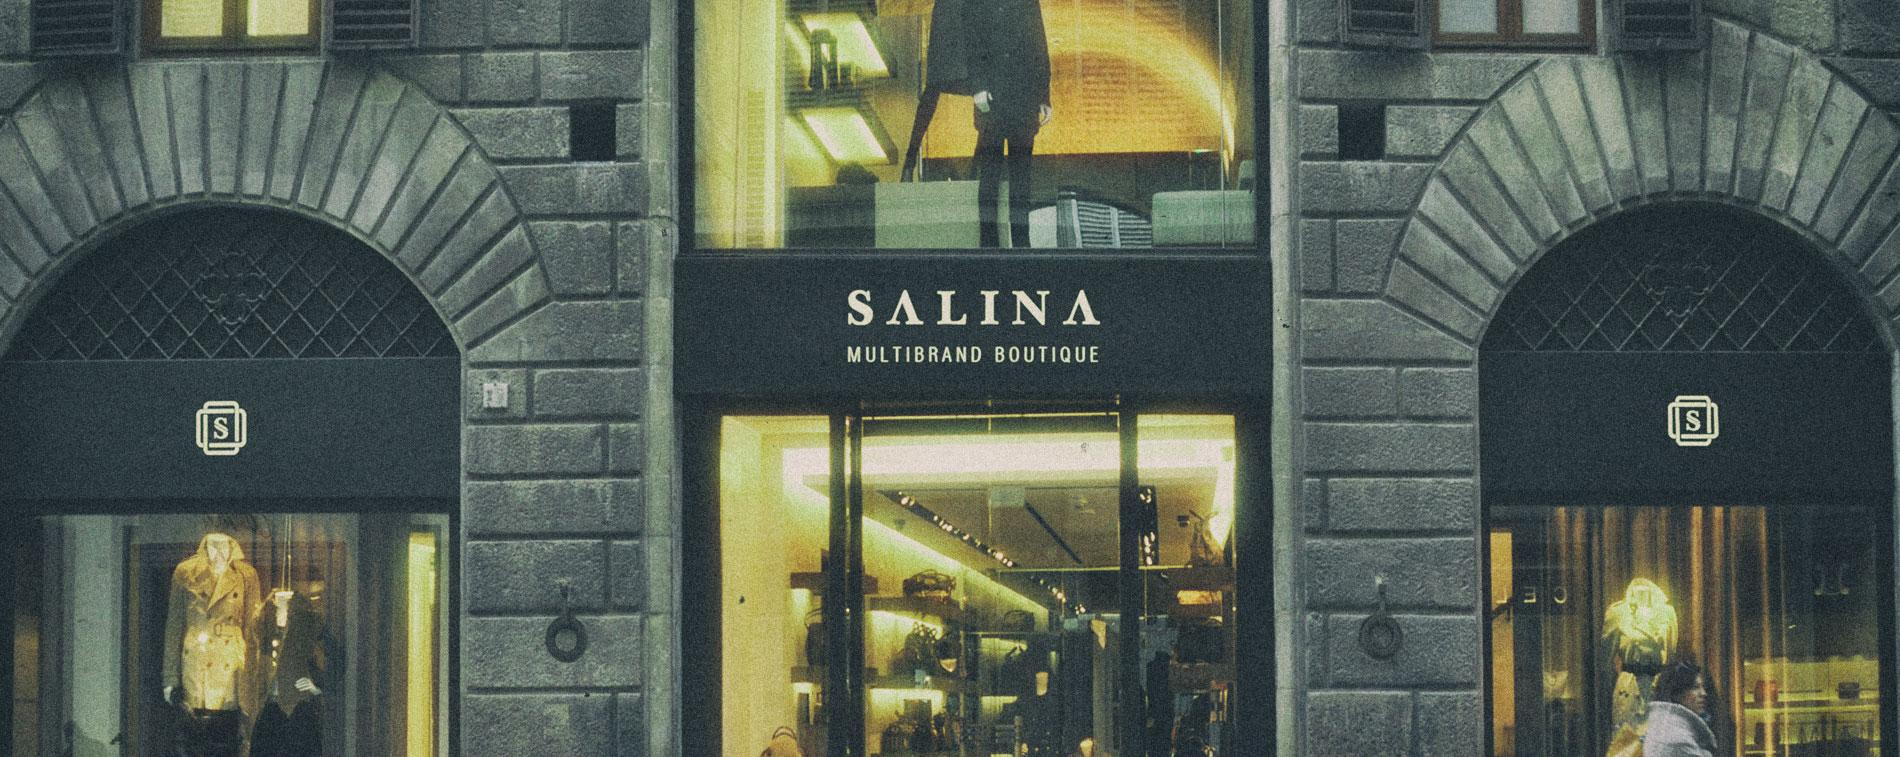 salina_01